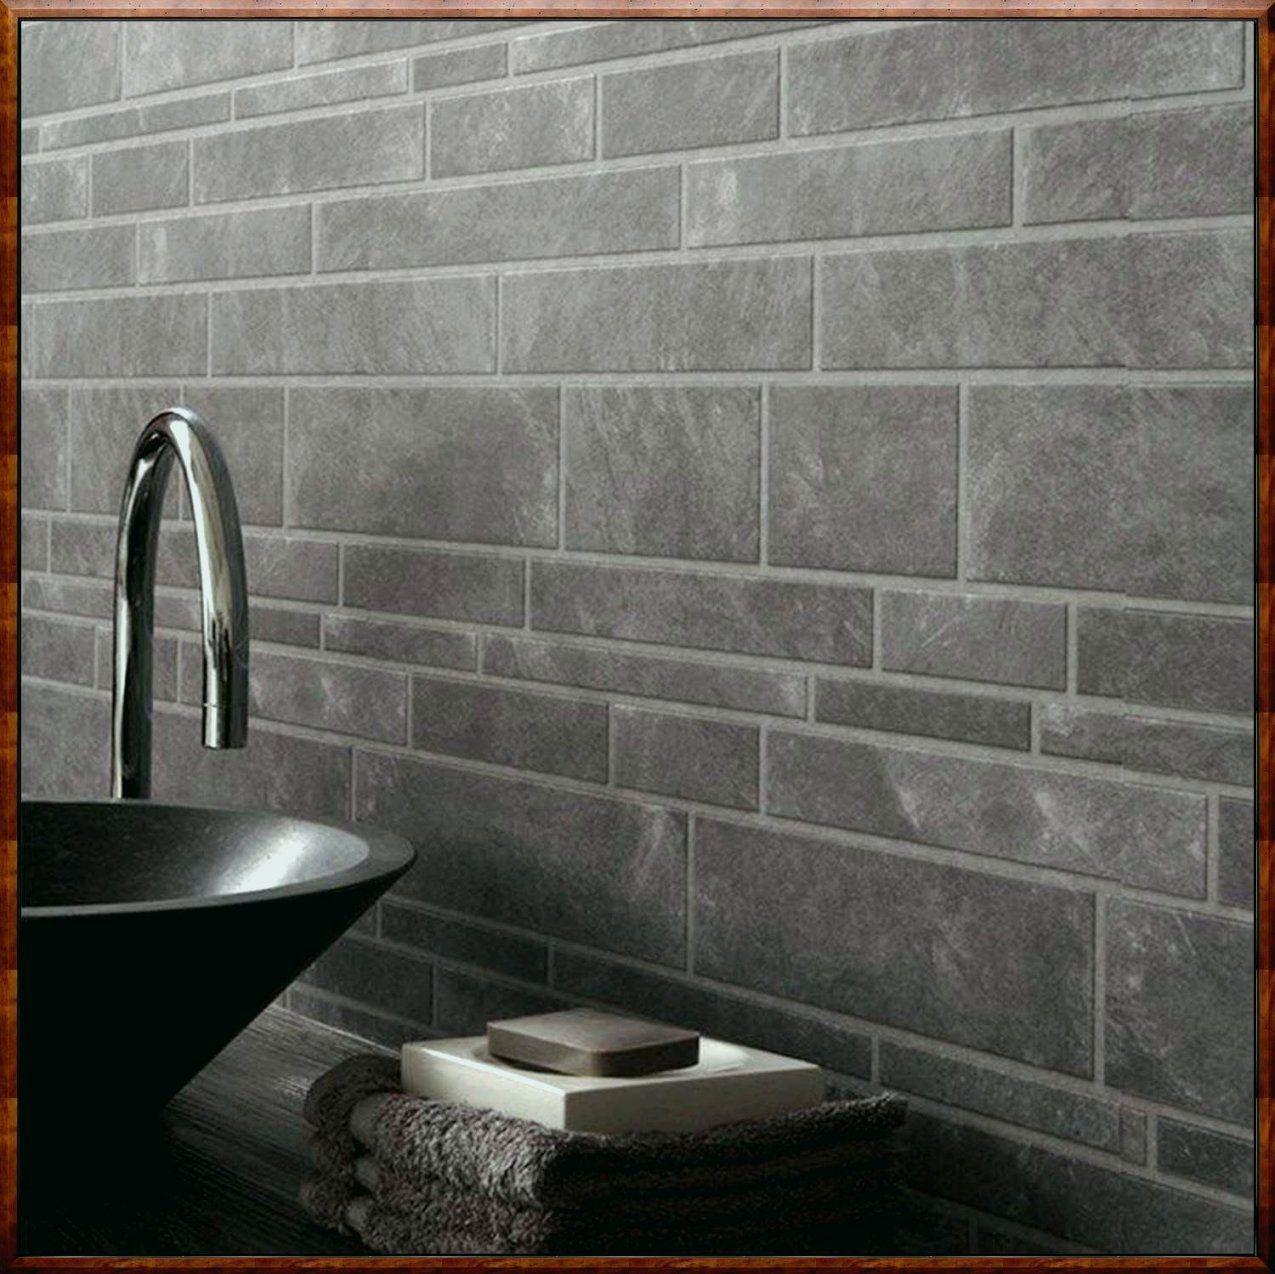 Kuchenruckwand Tapete Wandmotiv24 Fototapete Alex Muster Vlies Tapete